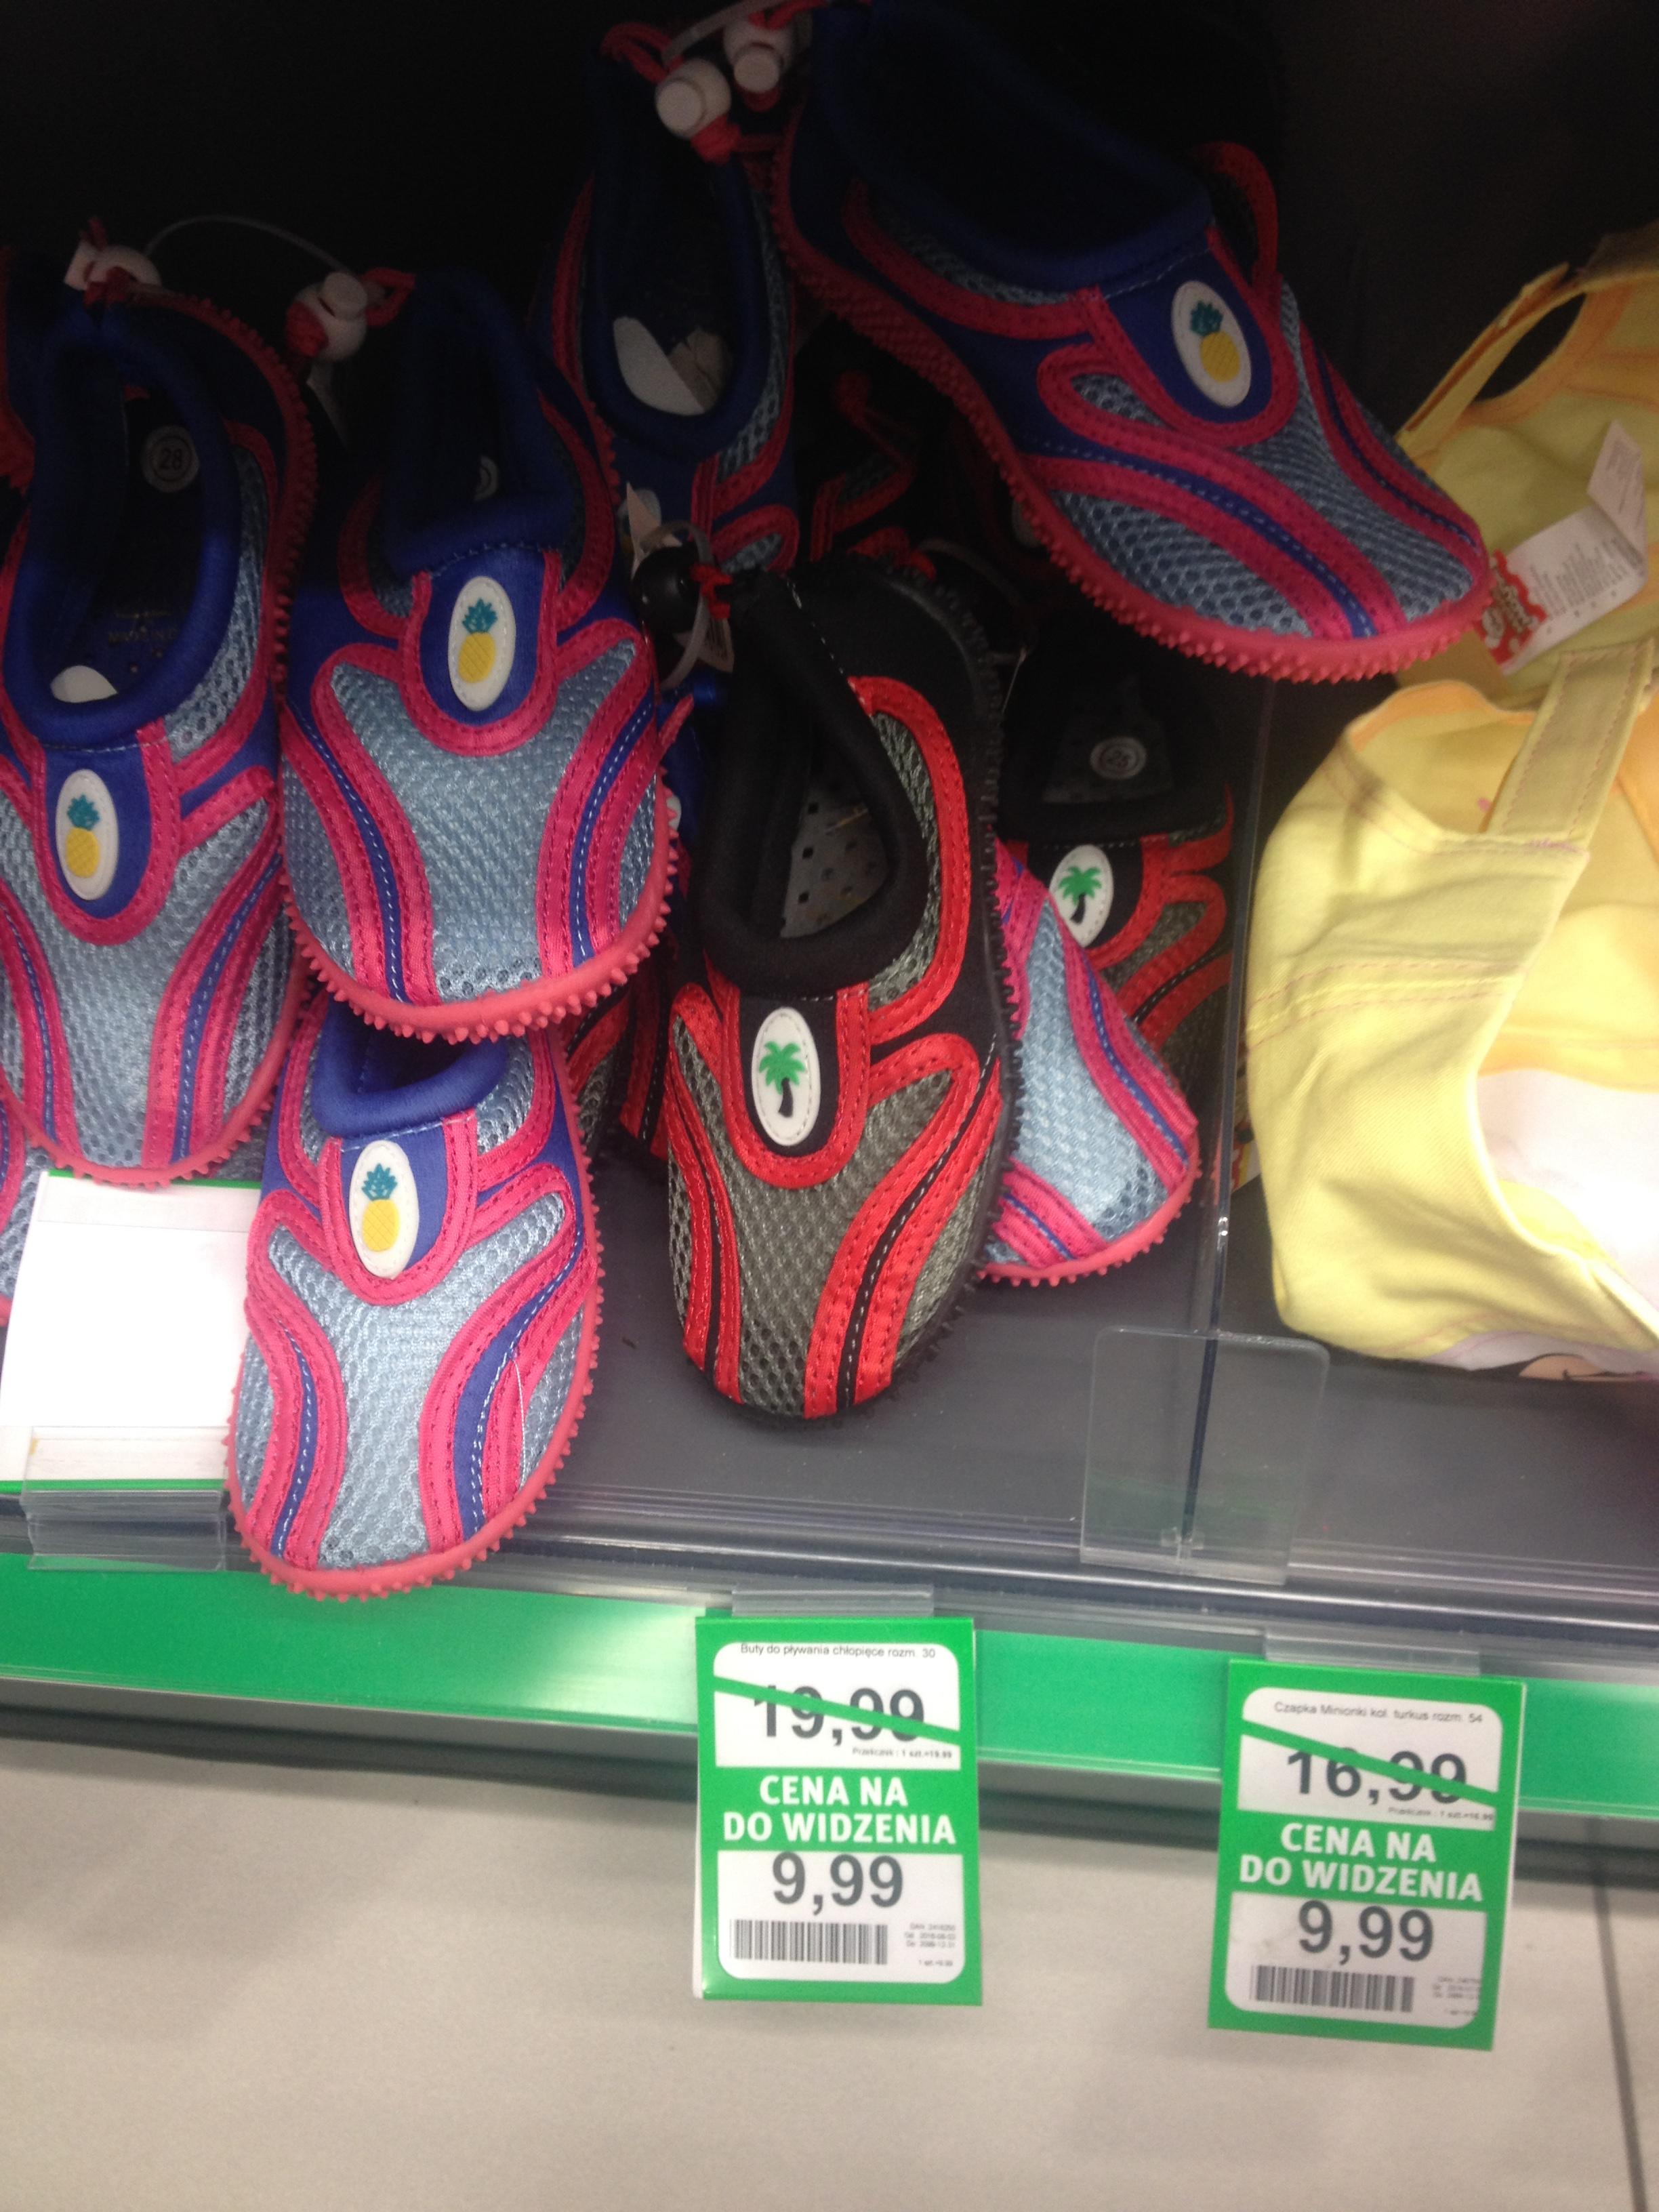 Buty do chodzenia W wodzie/buty do wody za 9,99zł (przecena z 19,99zł) @ Rossmann